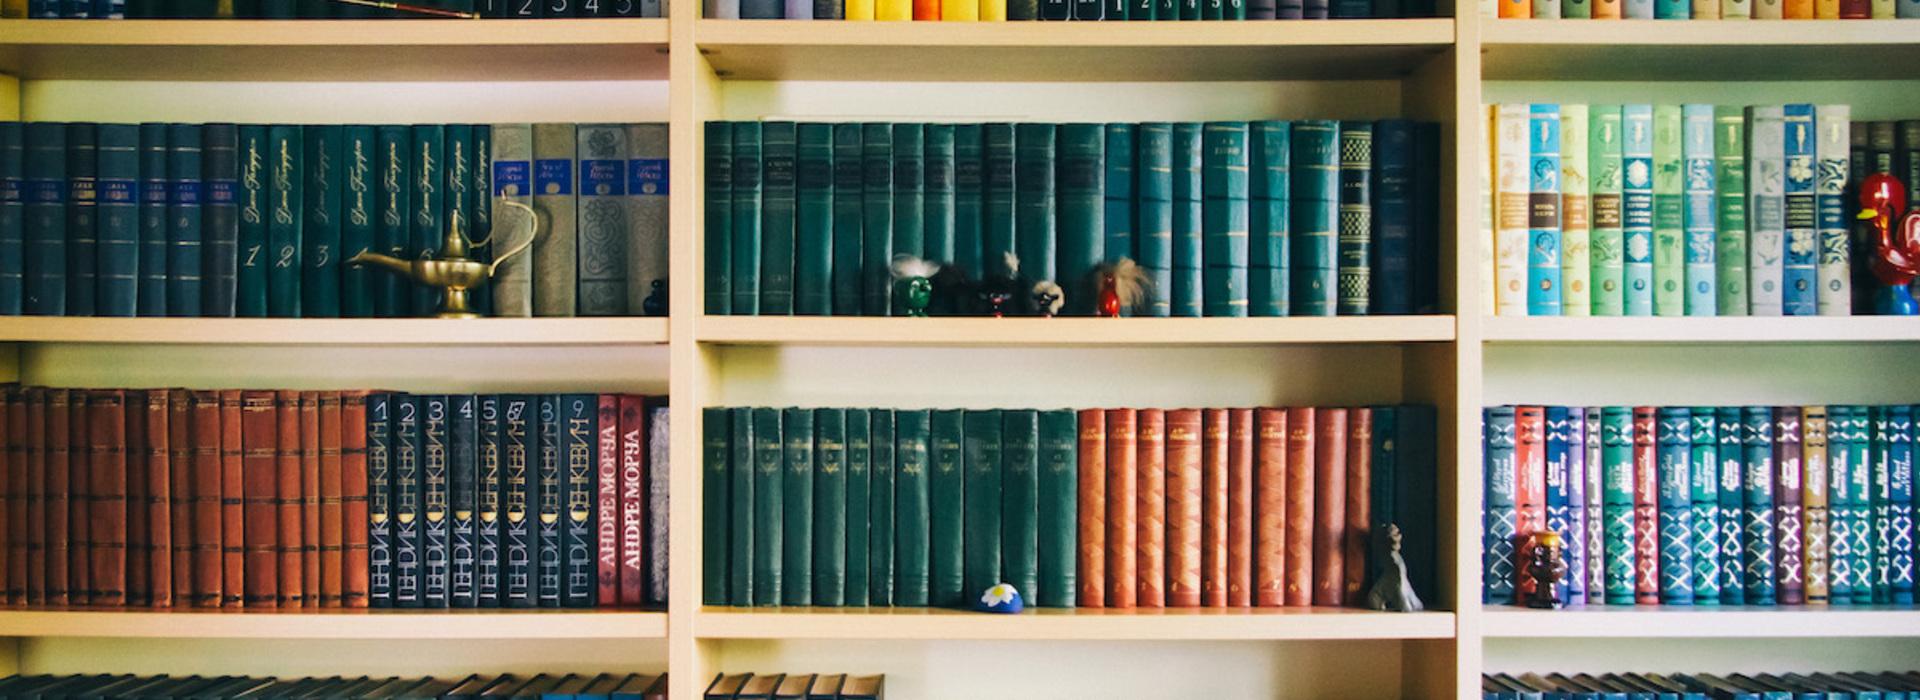 Отдел учёта и каталогизации фондов